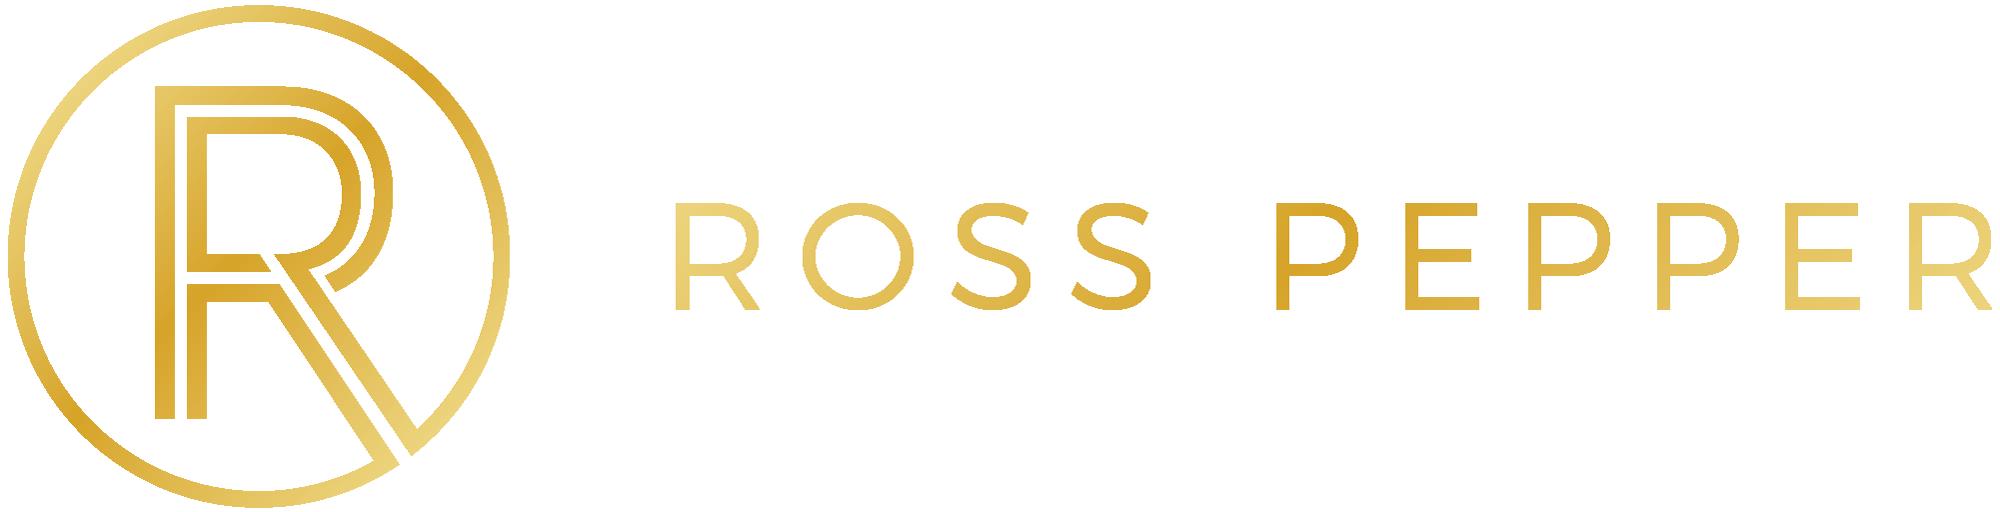 RossPepper-Master-Logo-Horizontal